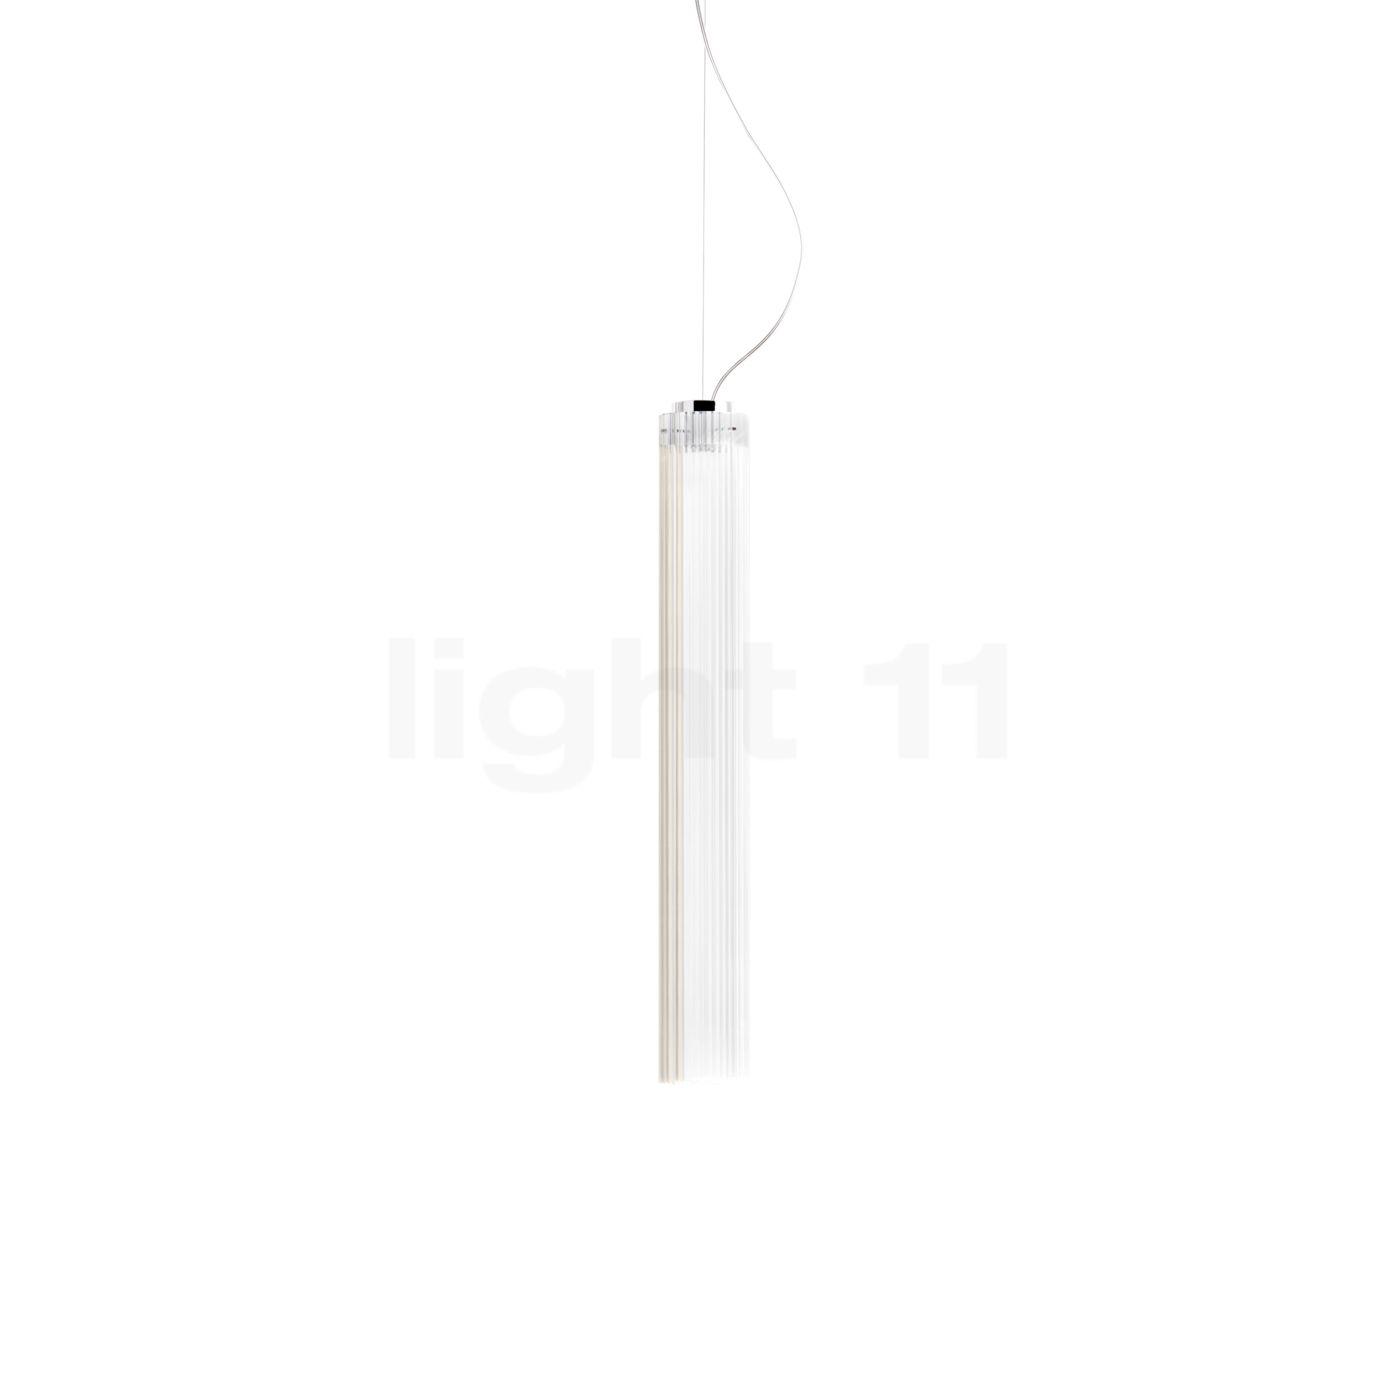 Kartell Rifly Pendelleuchte LED, Kristall, 60 cm 09350B4